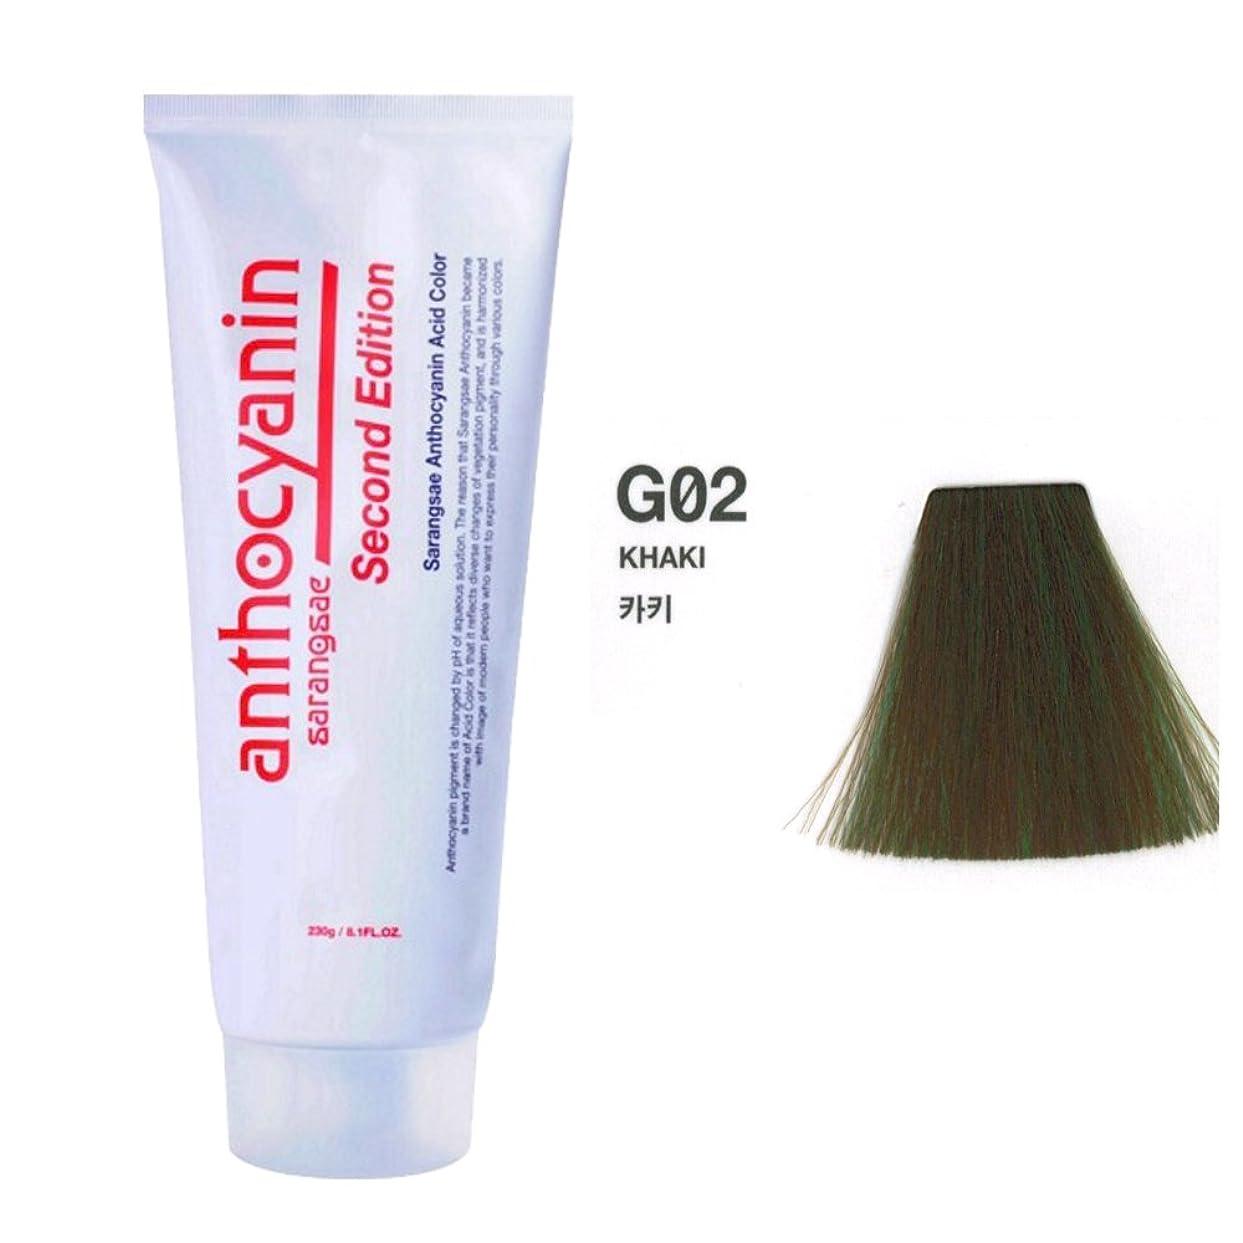 思春期くラボヘア マニキュア カラー セカンド エディション 230g セミ パーマネント 染毛剤 (Hair Manicure Color Second Edition 230g Semi Permanent Hair Dye) [並行輸入品] (G02 Khaki)